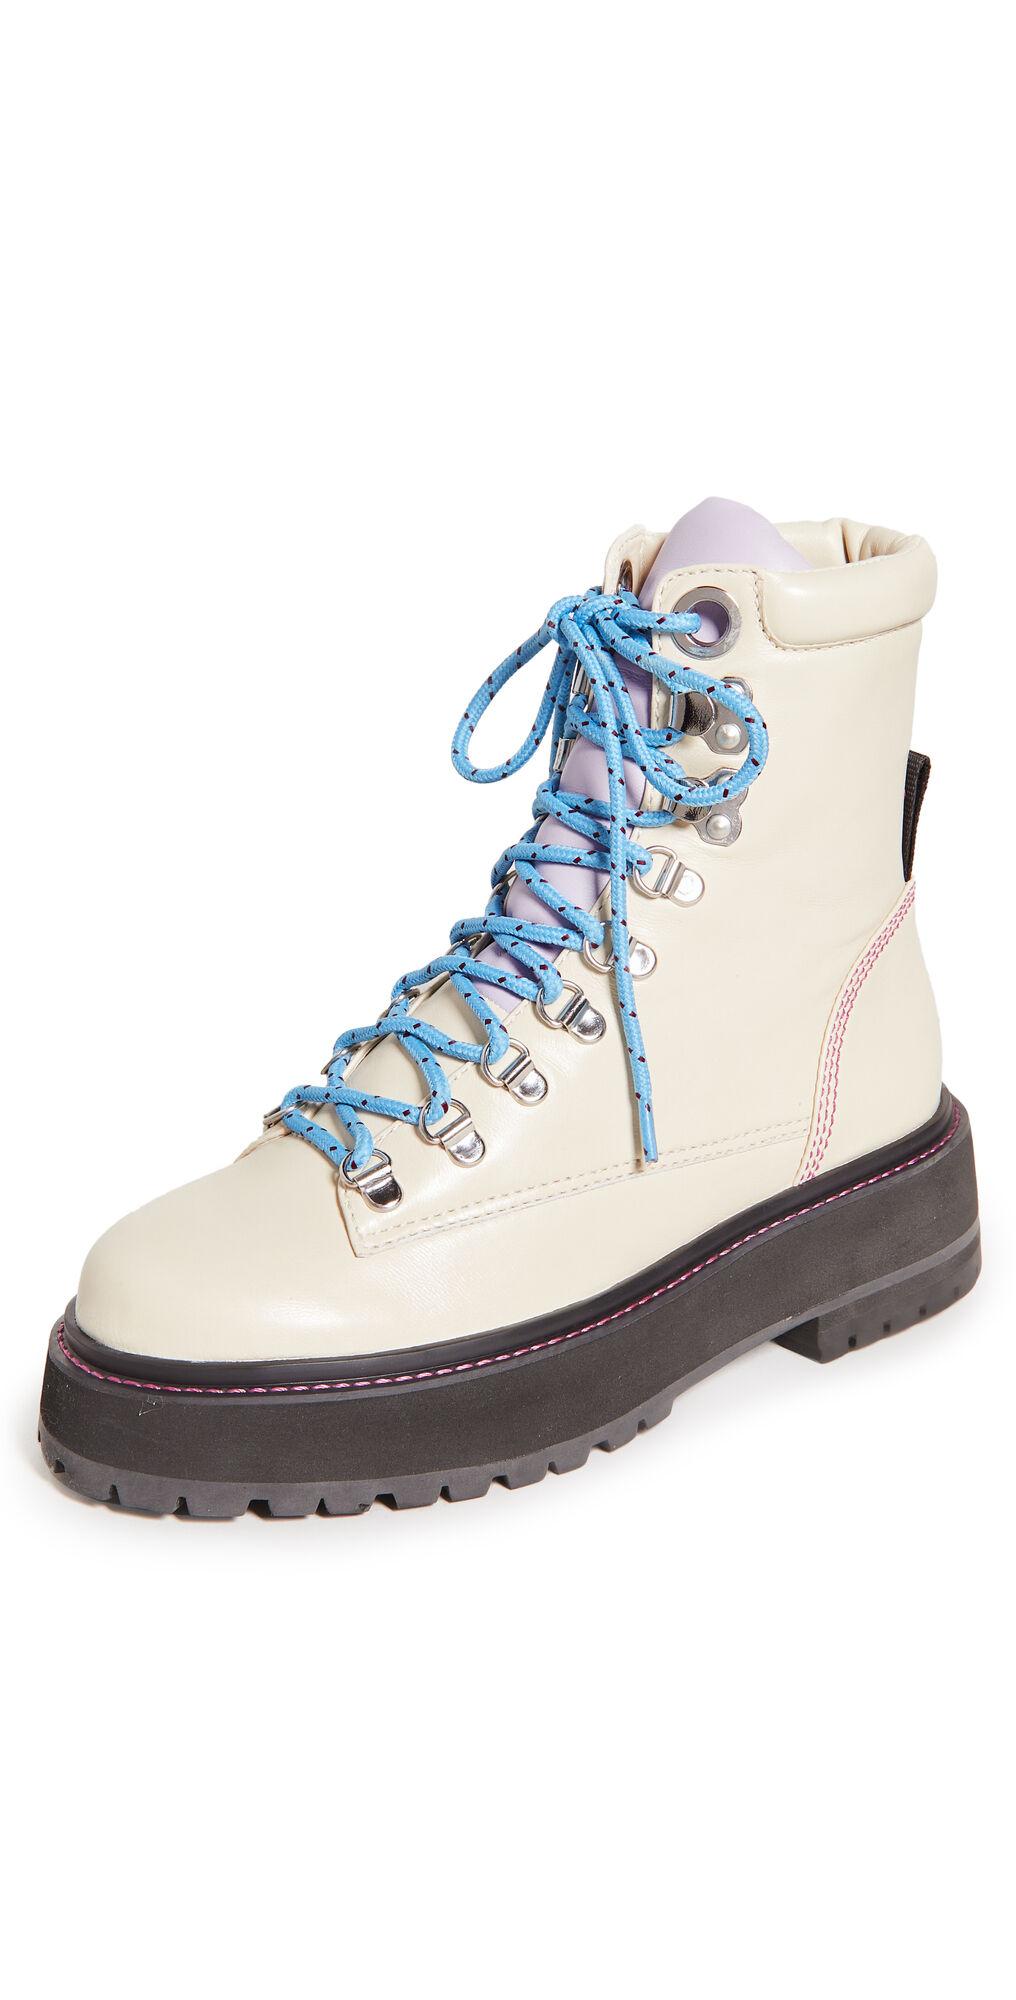 Larroude Jordan Low Boots  - Ivory/Violet - Size: 7